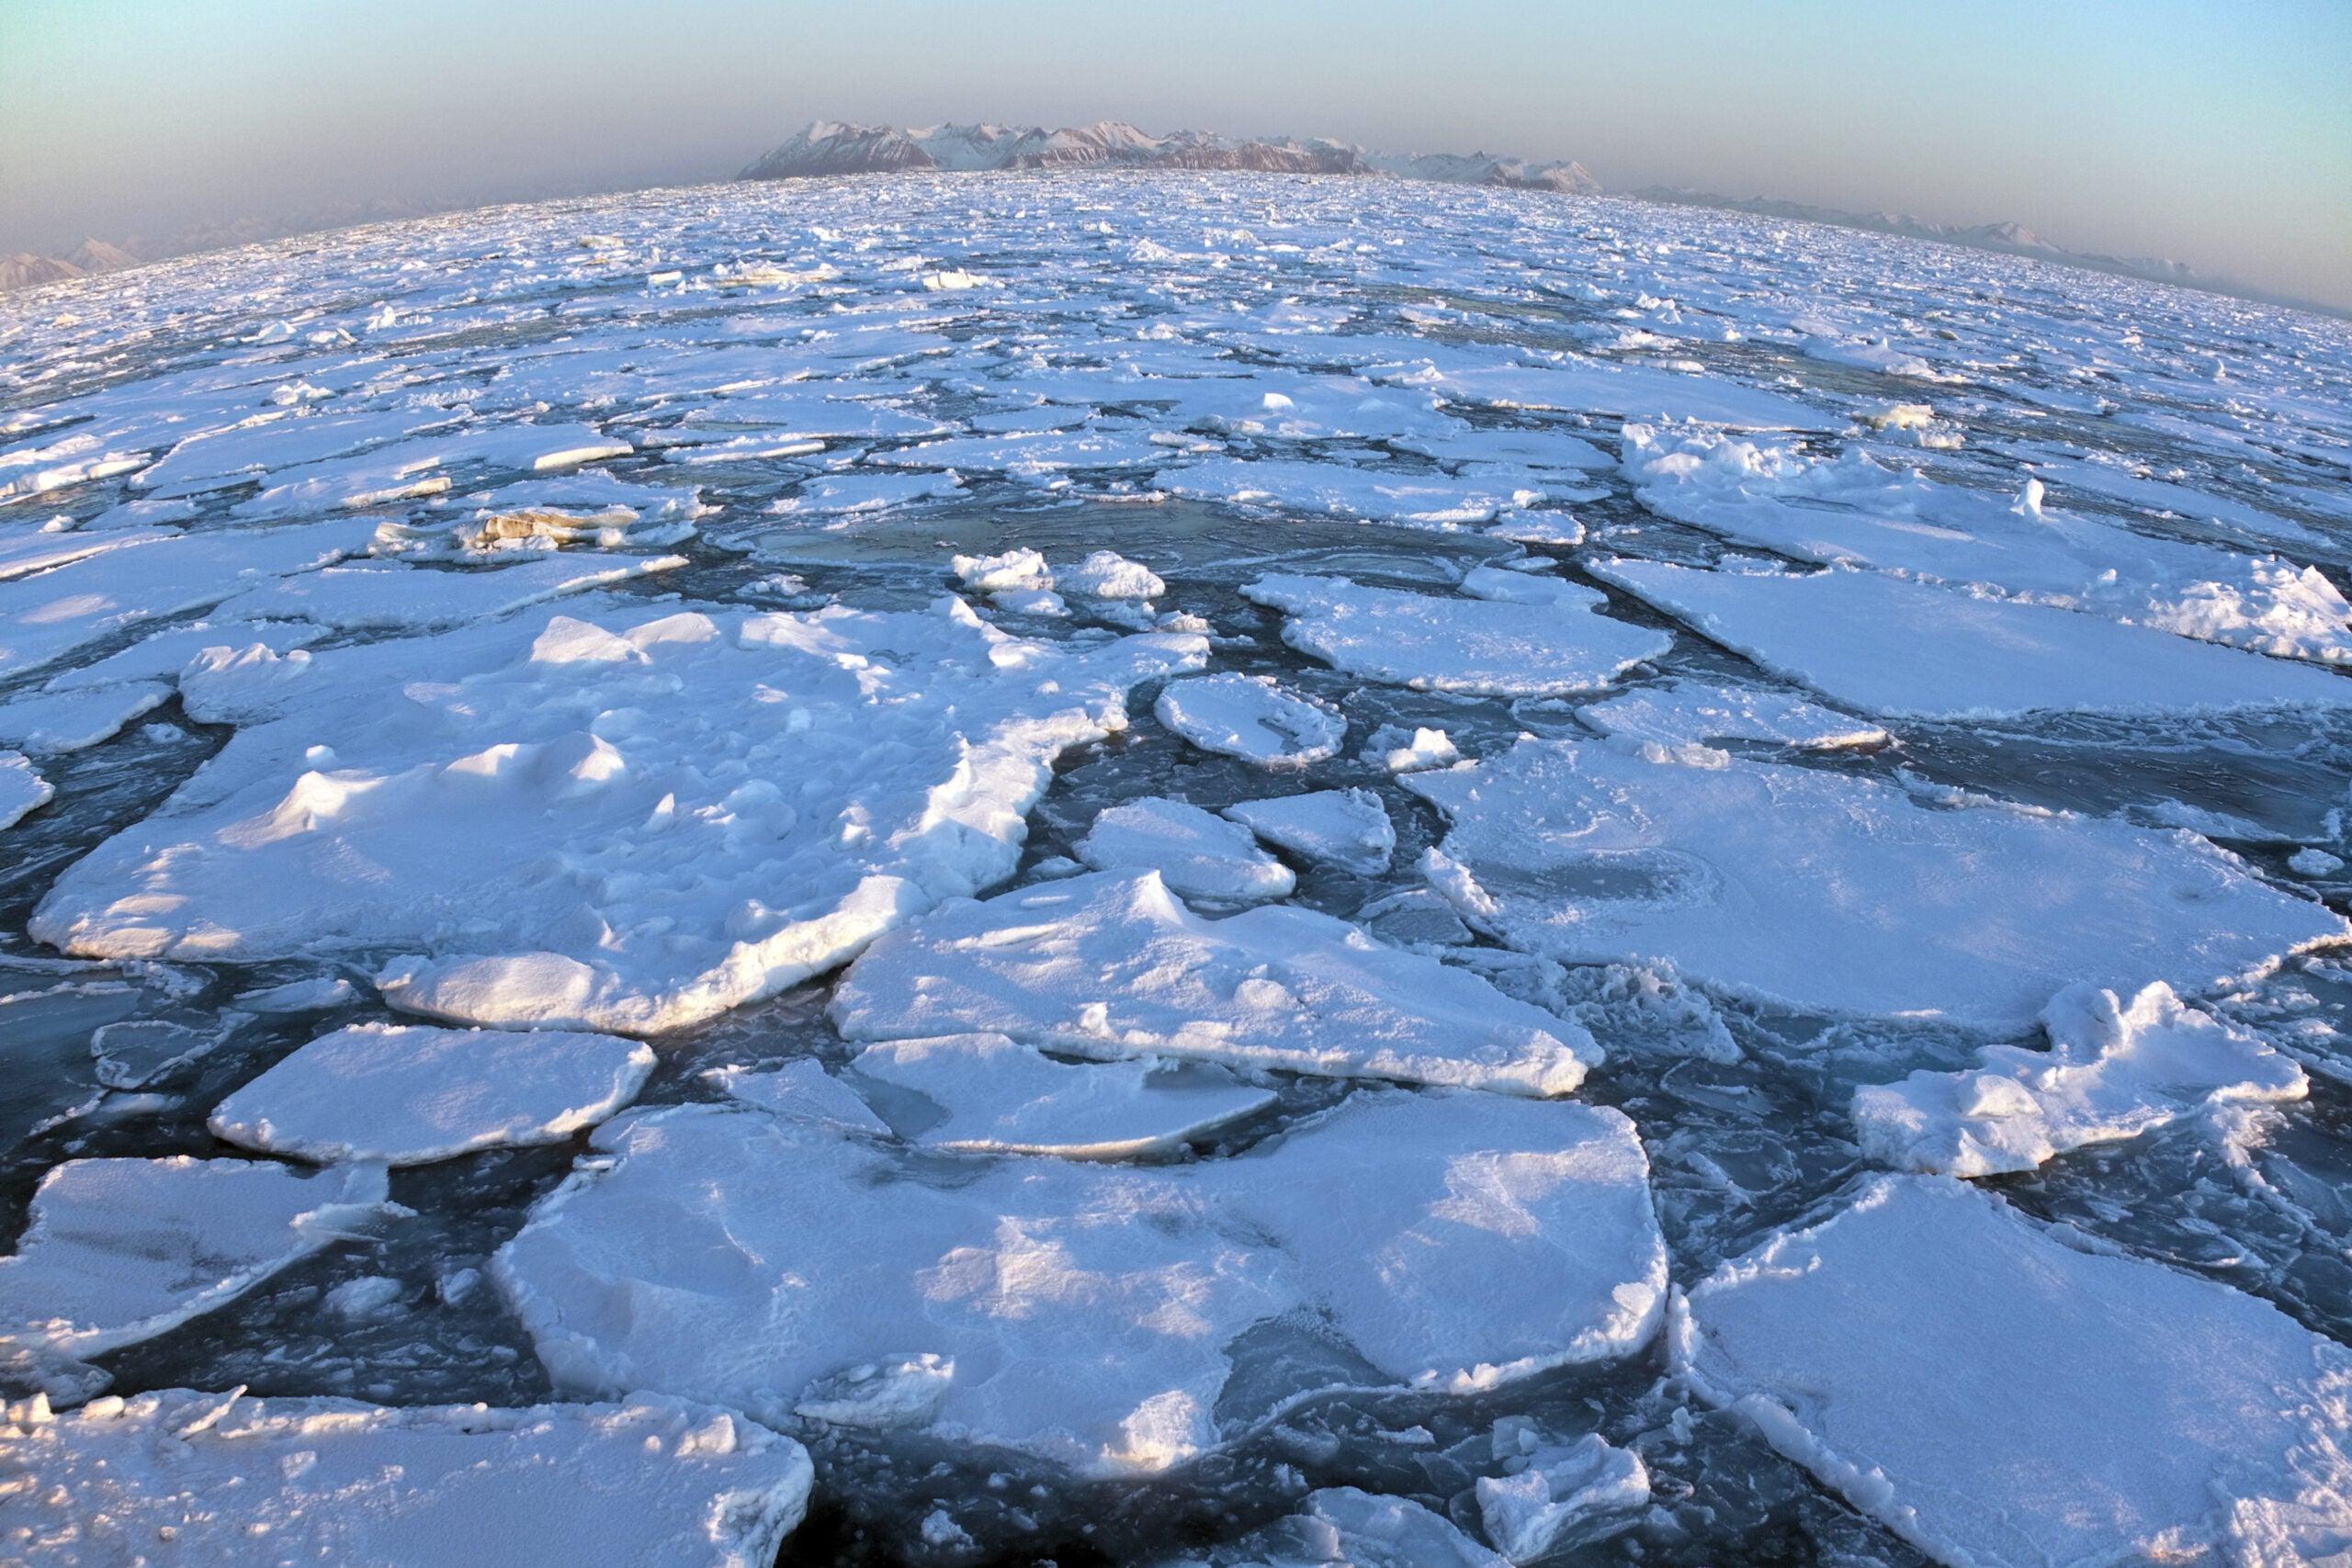 broken ice over the ocean